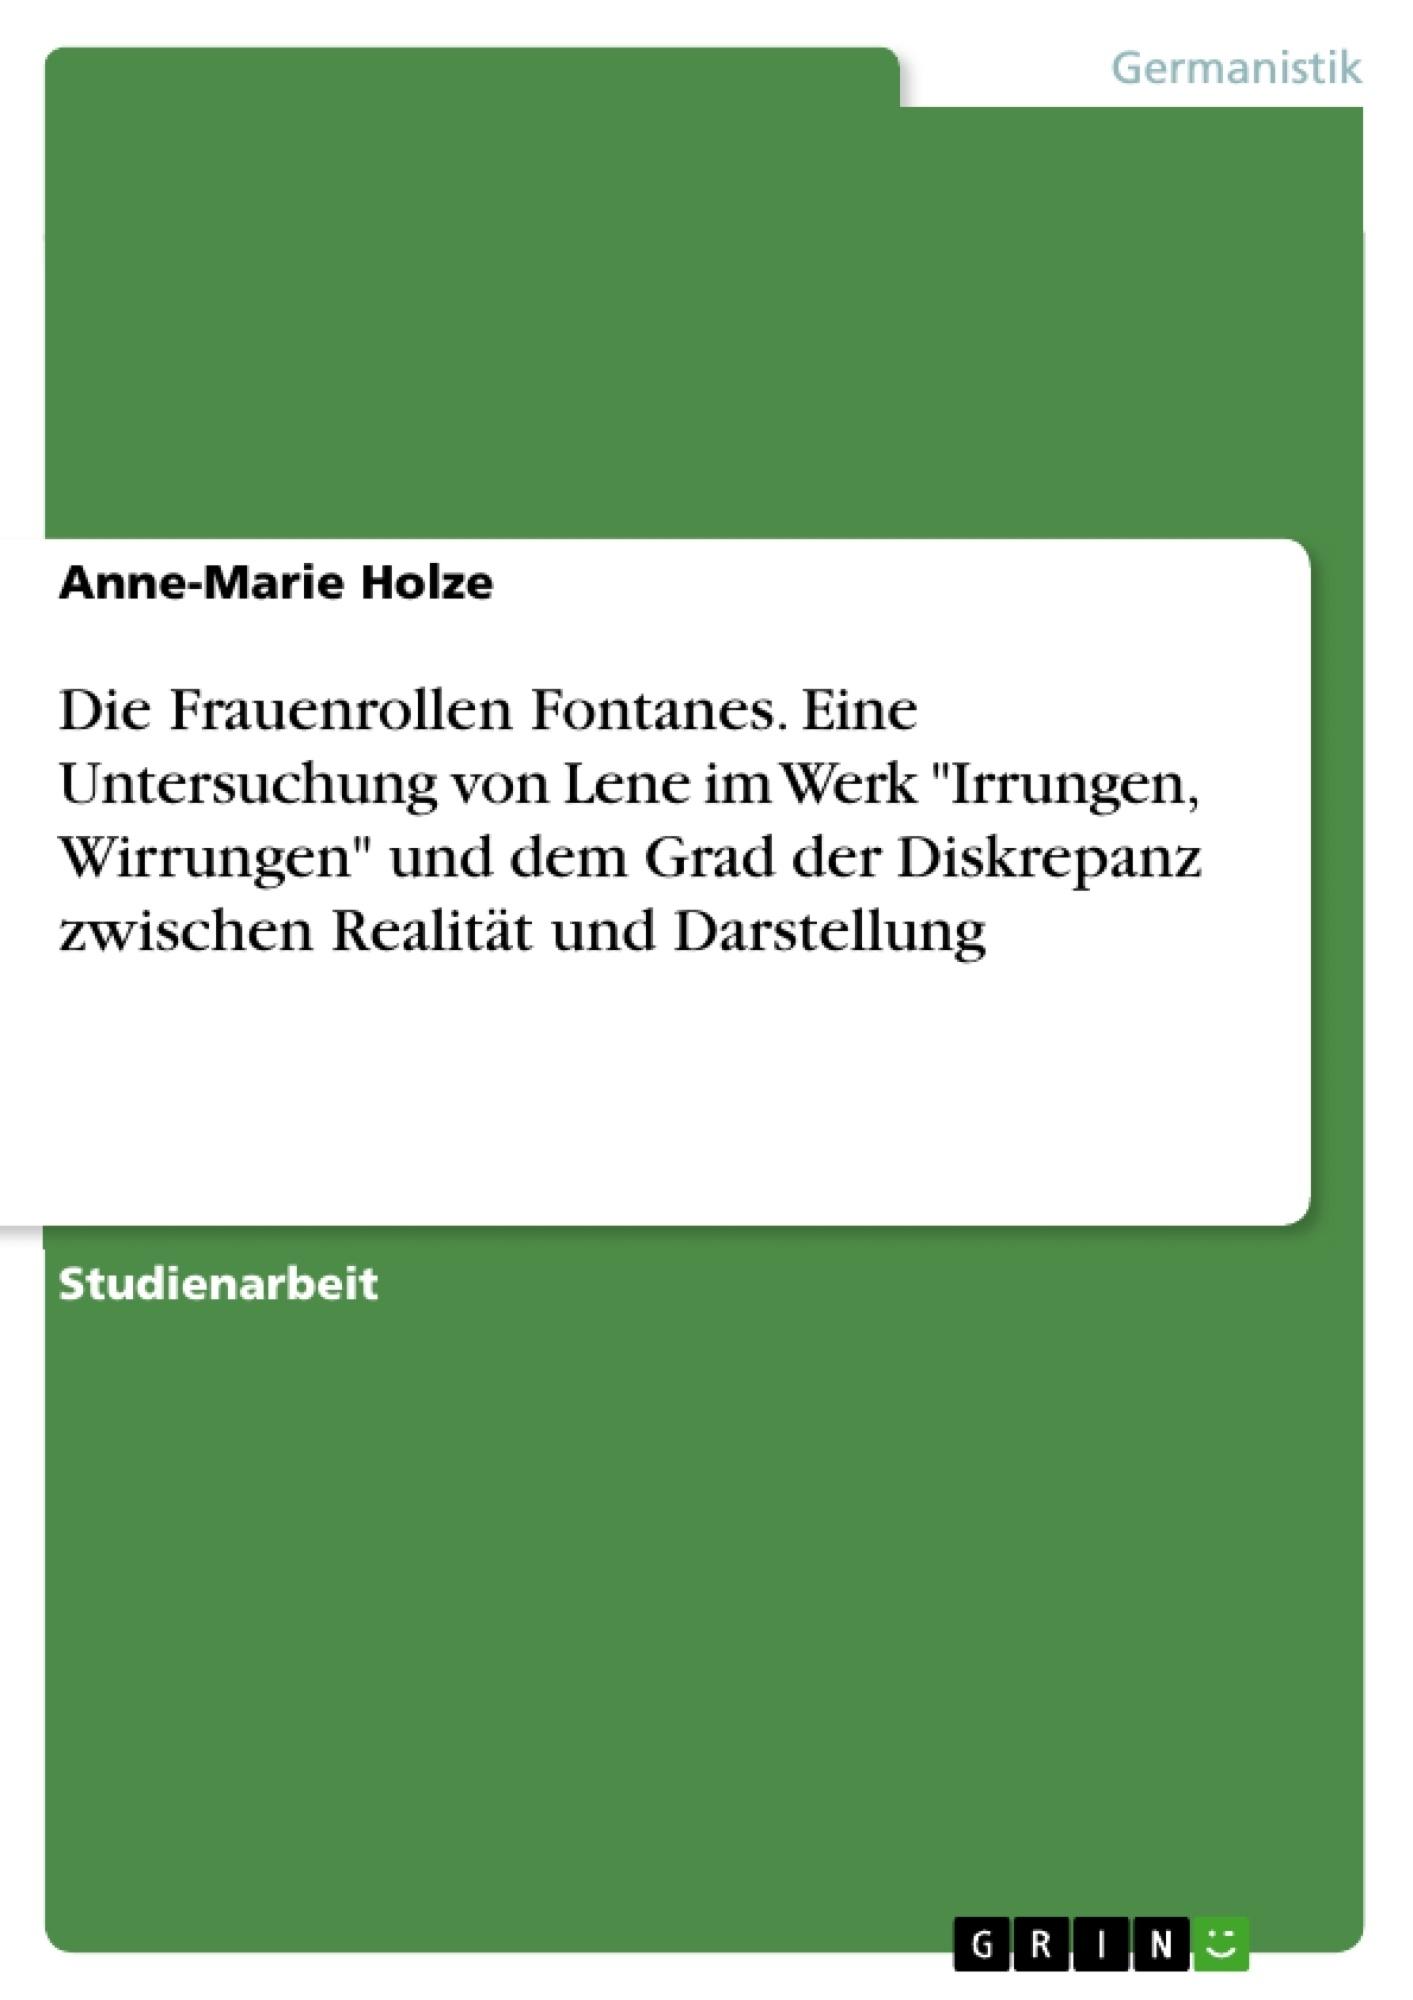 """Titel: Die Frauenrollen Fontanes. Eine Untersuchung von Lene im Werk """"Irrungen, Wirrungen"""" und dem Grad der Diskrepanz zwischen Realität und Darstellung"""